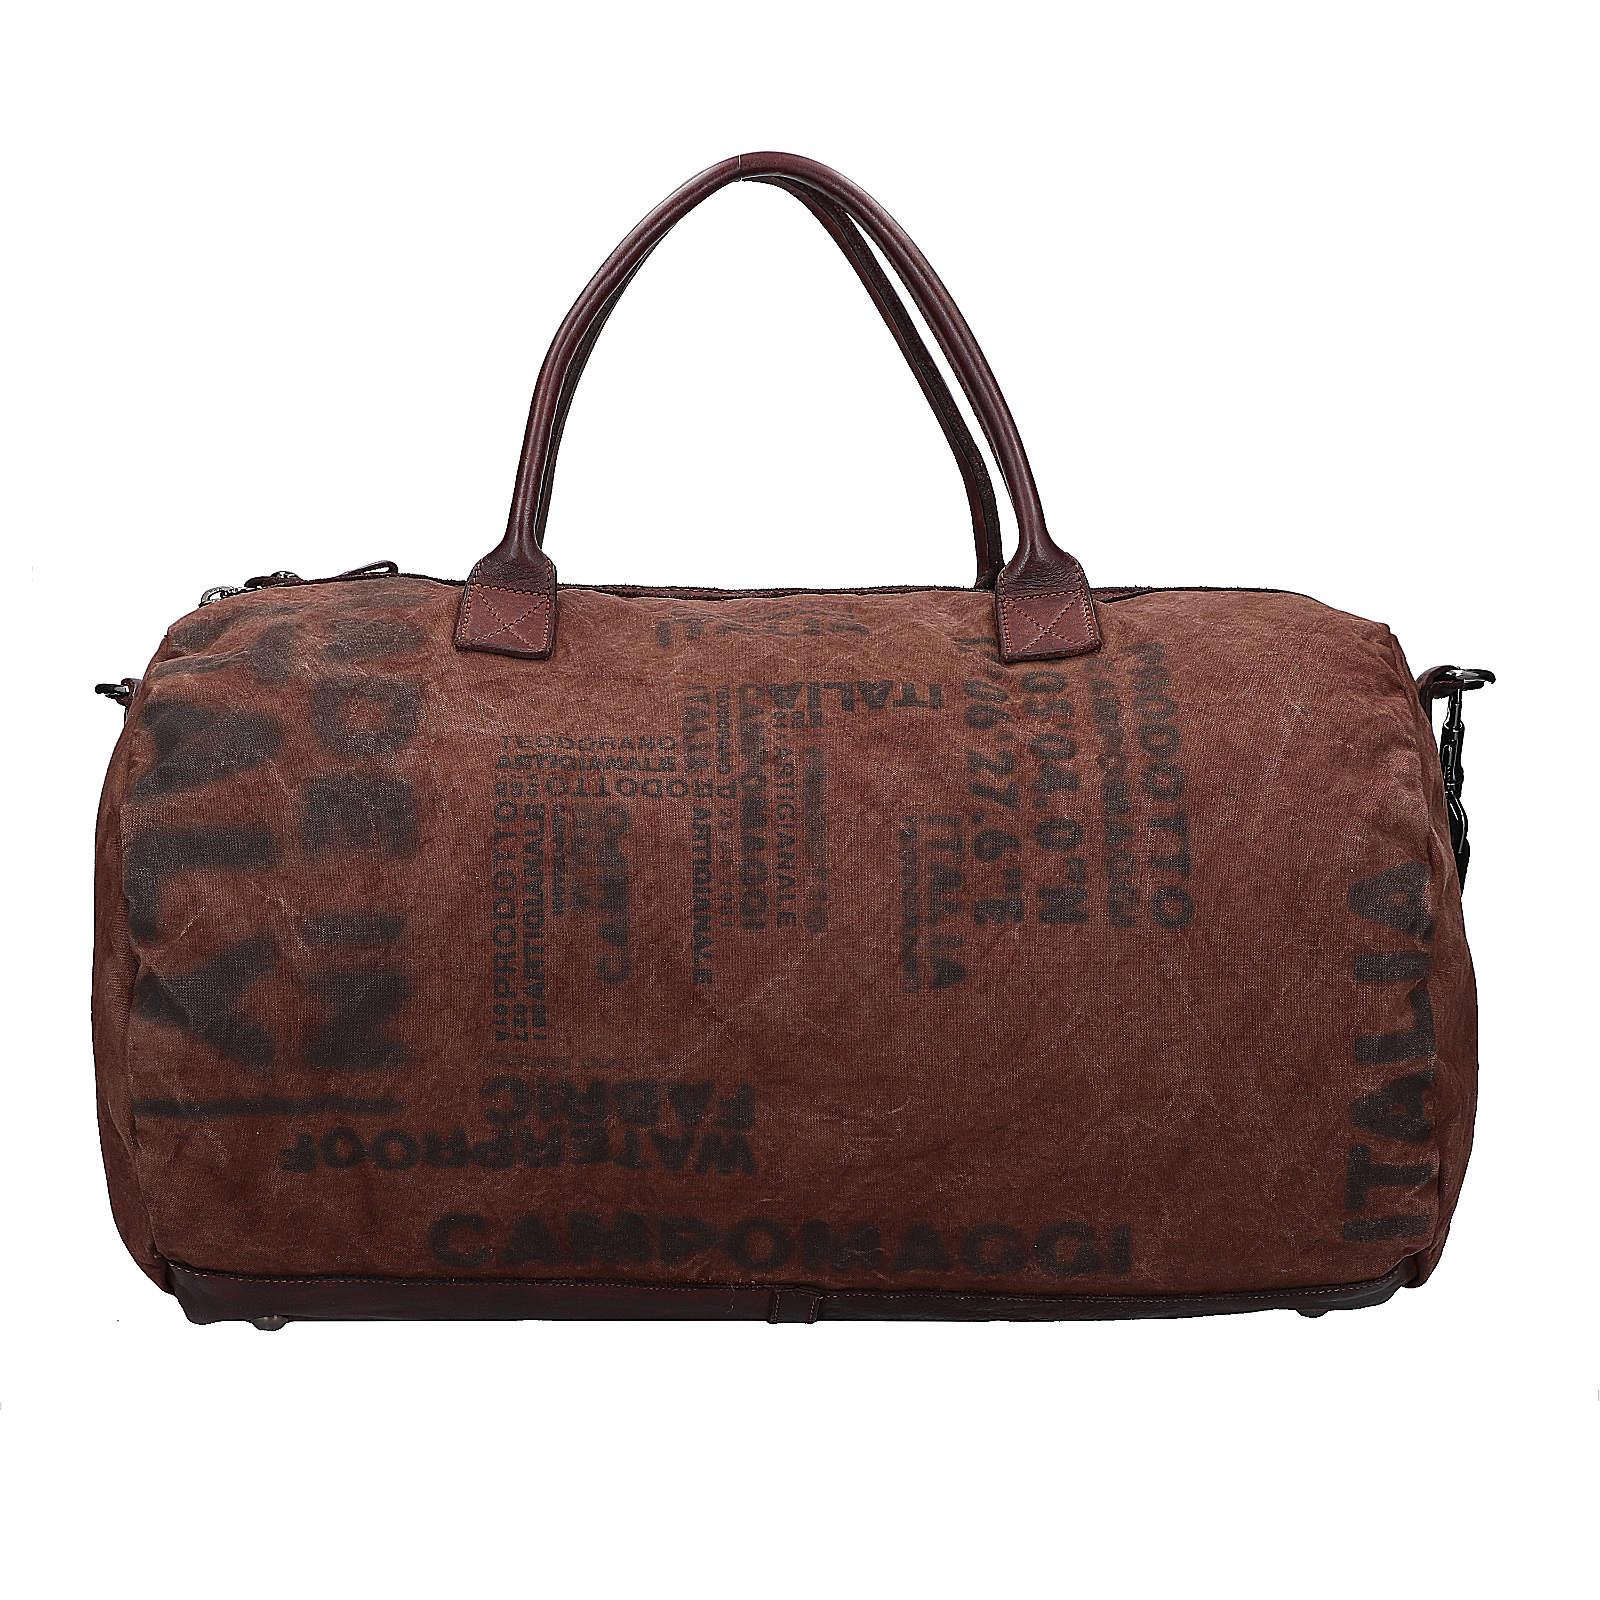 Campomaggi Weekender Reisetasche 48 cm Reisetaschen braun Damen